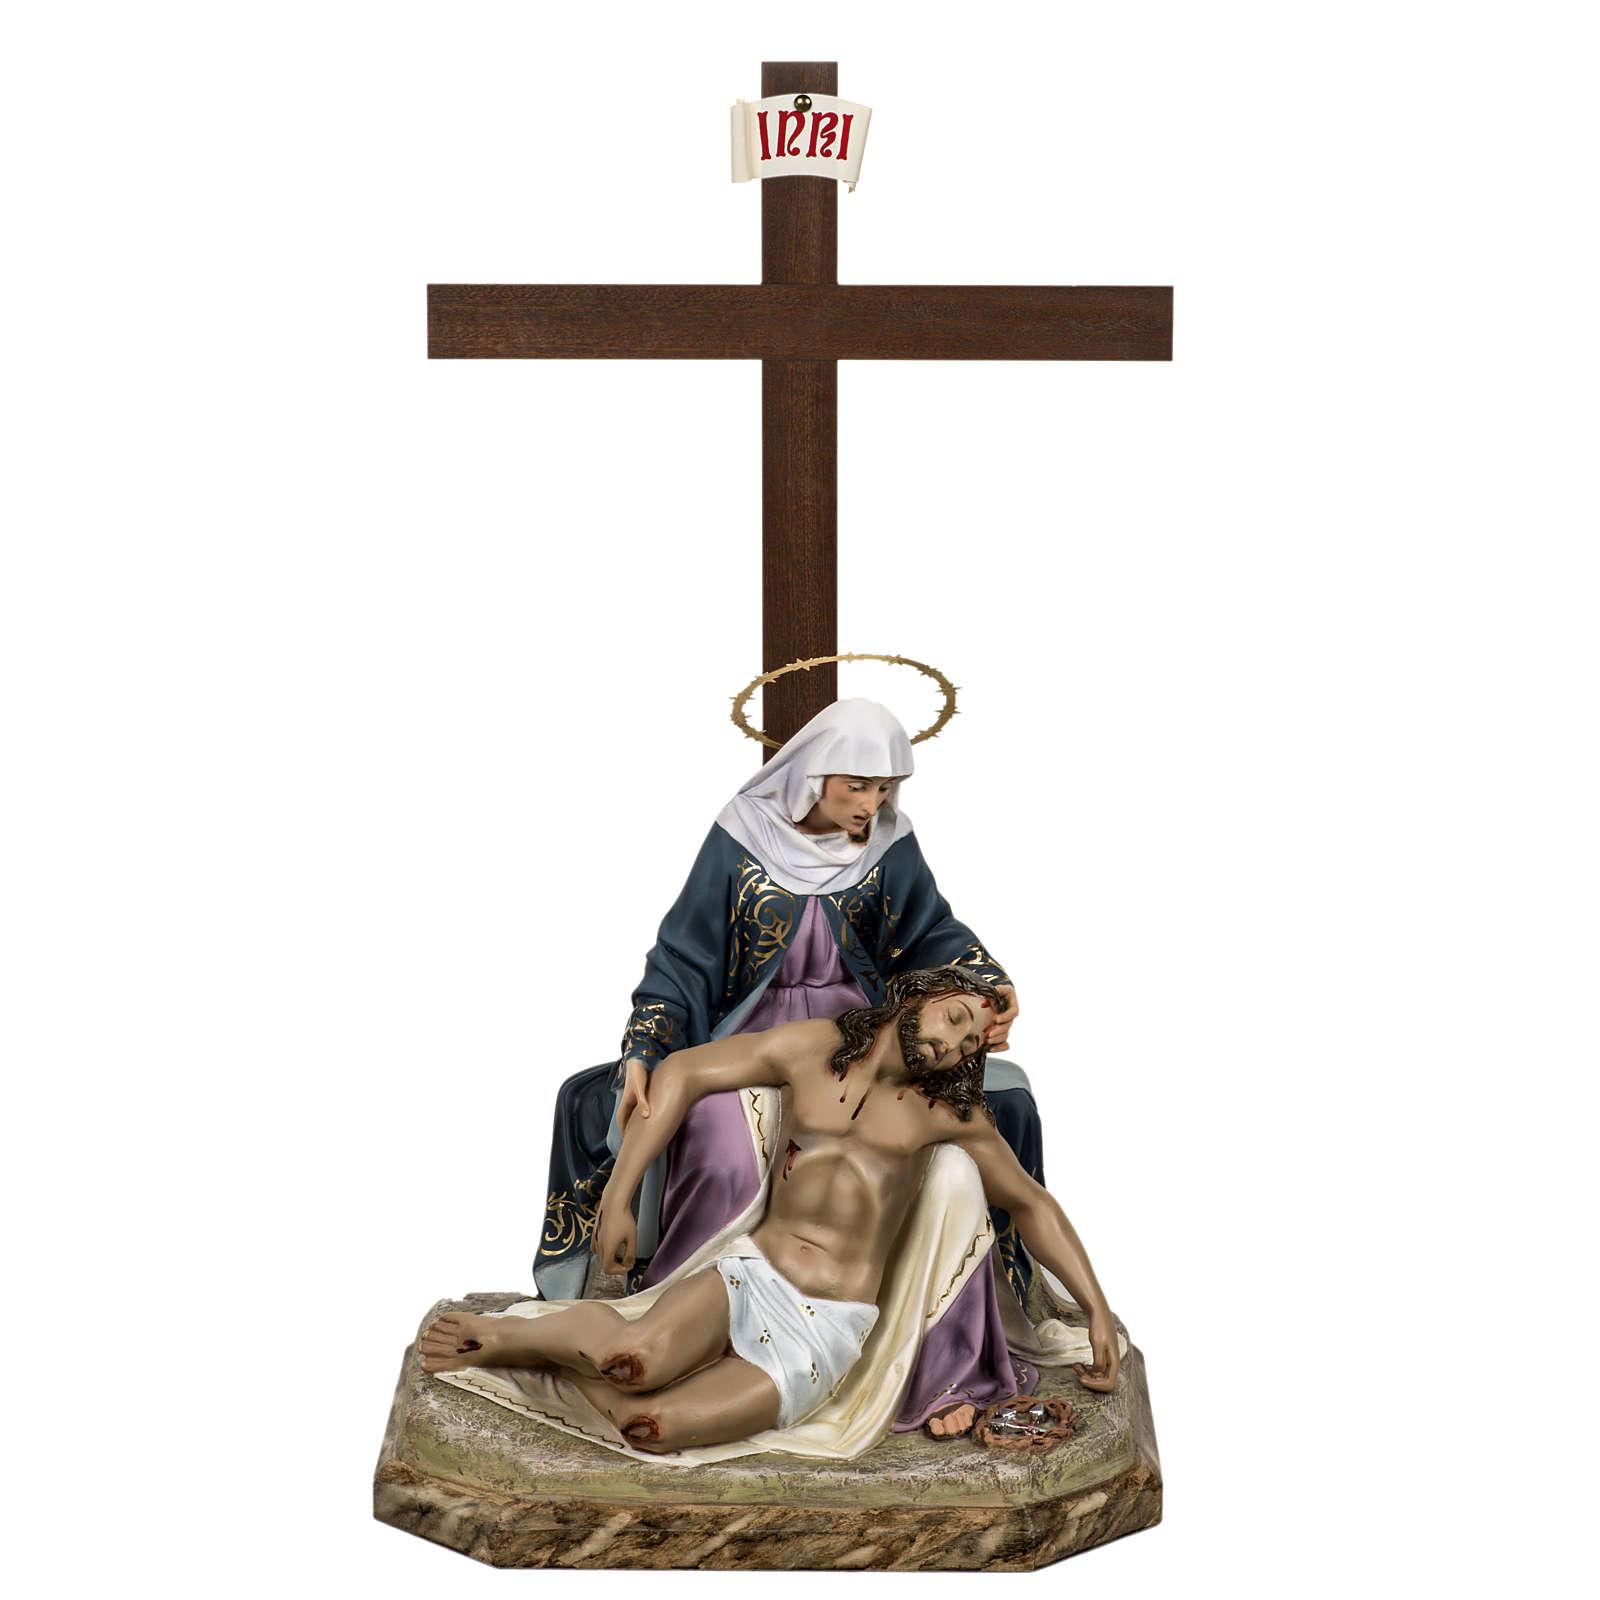 Pieta 50 cm figurka ścier drzewny dekoracje eleganckie 4